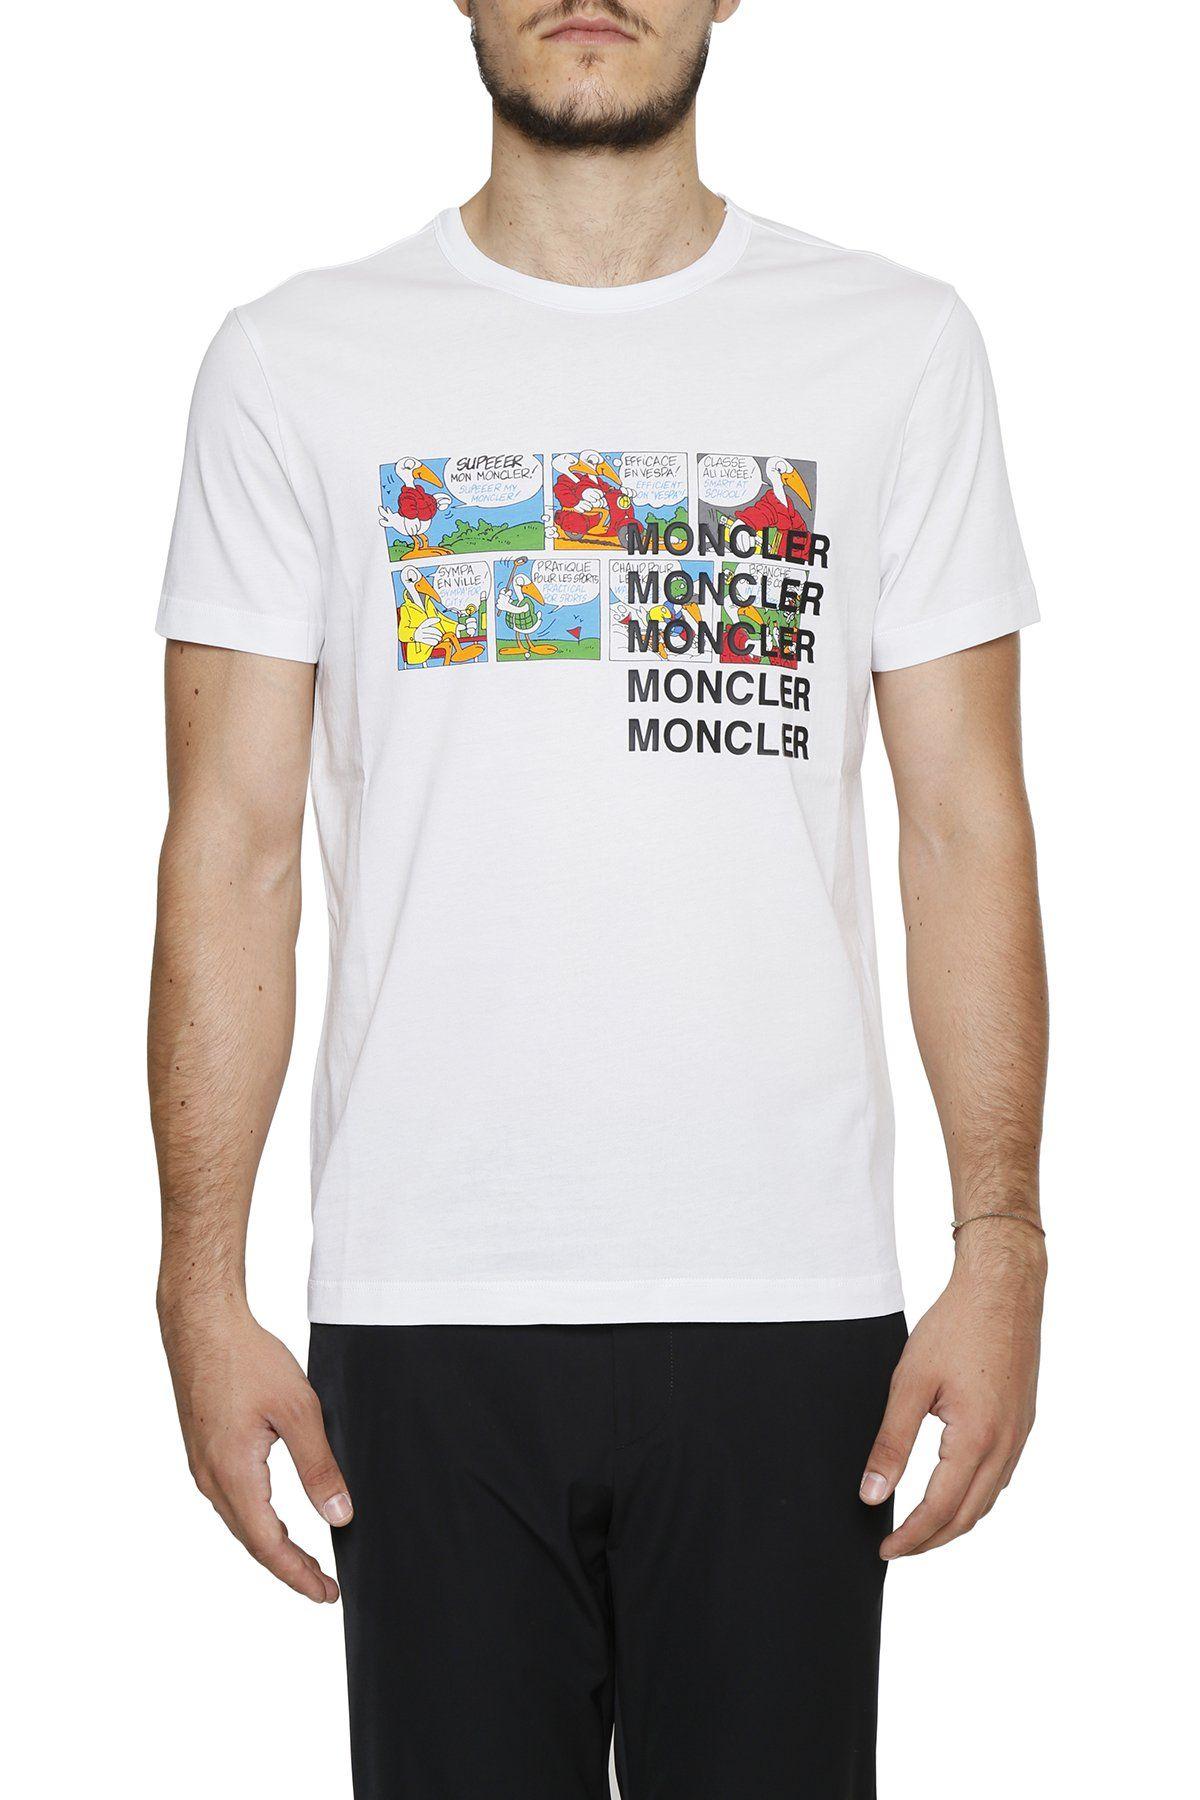 c3c873720b0c MONCLER MONCLER CARTOON PRINT T.  moncler  cloth